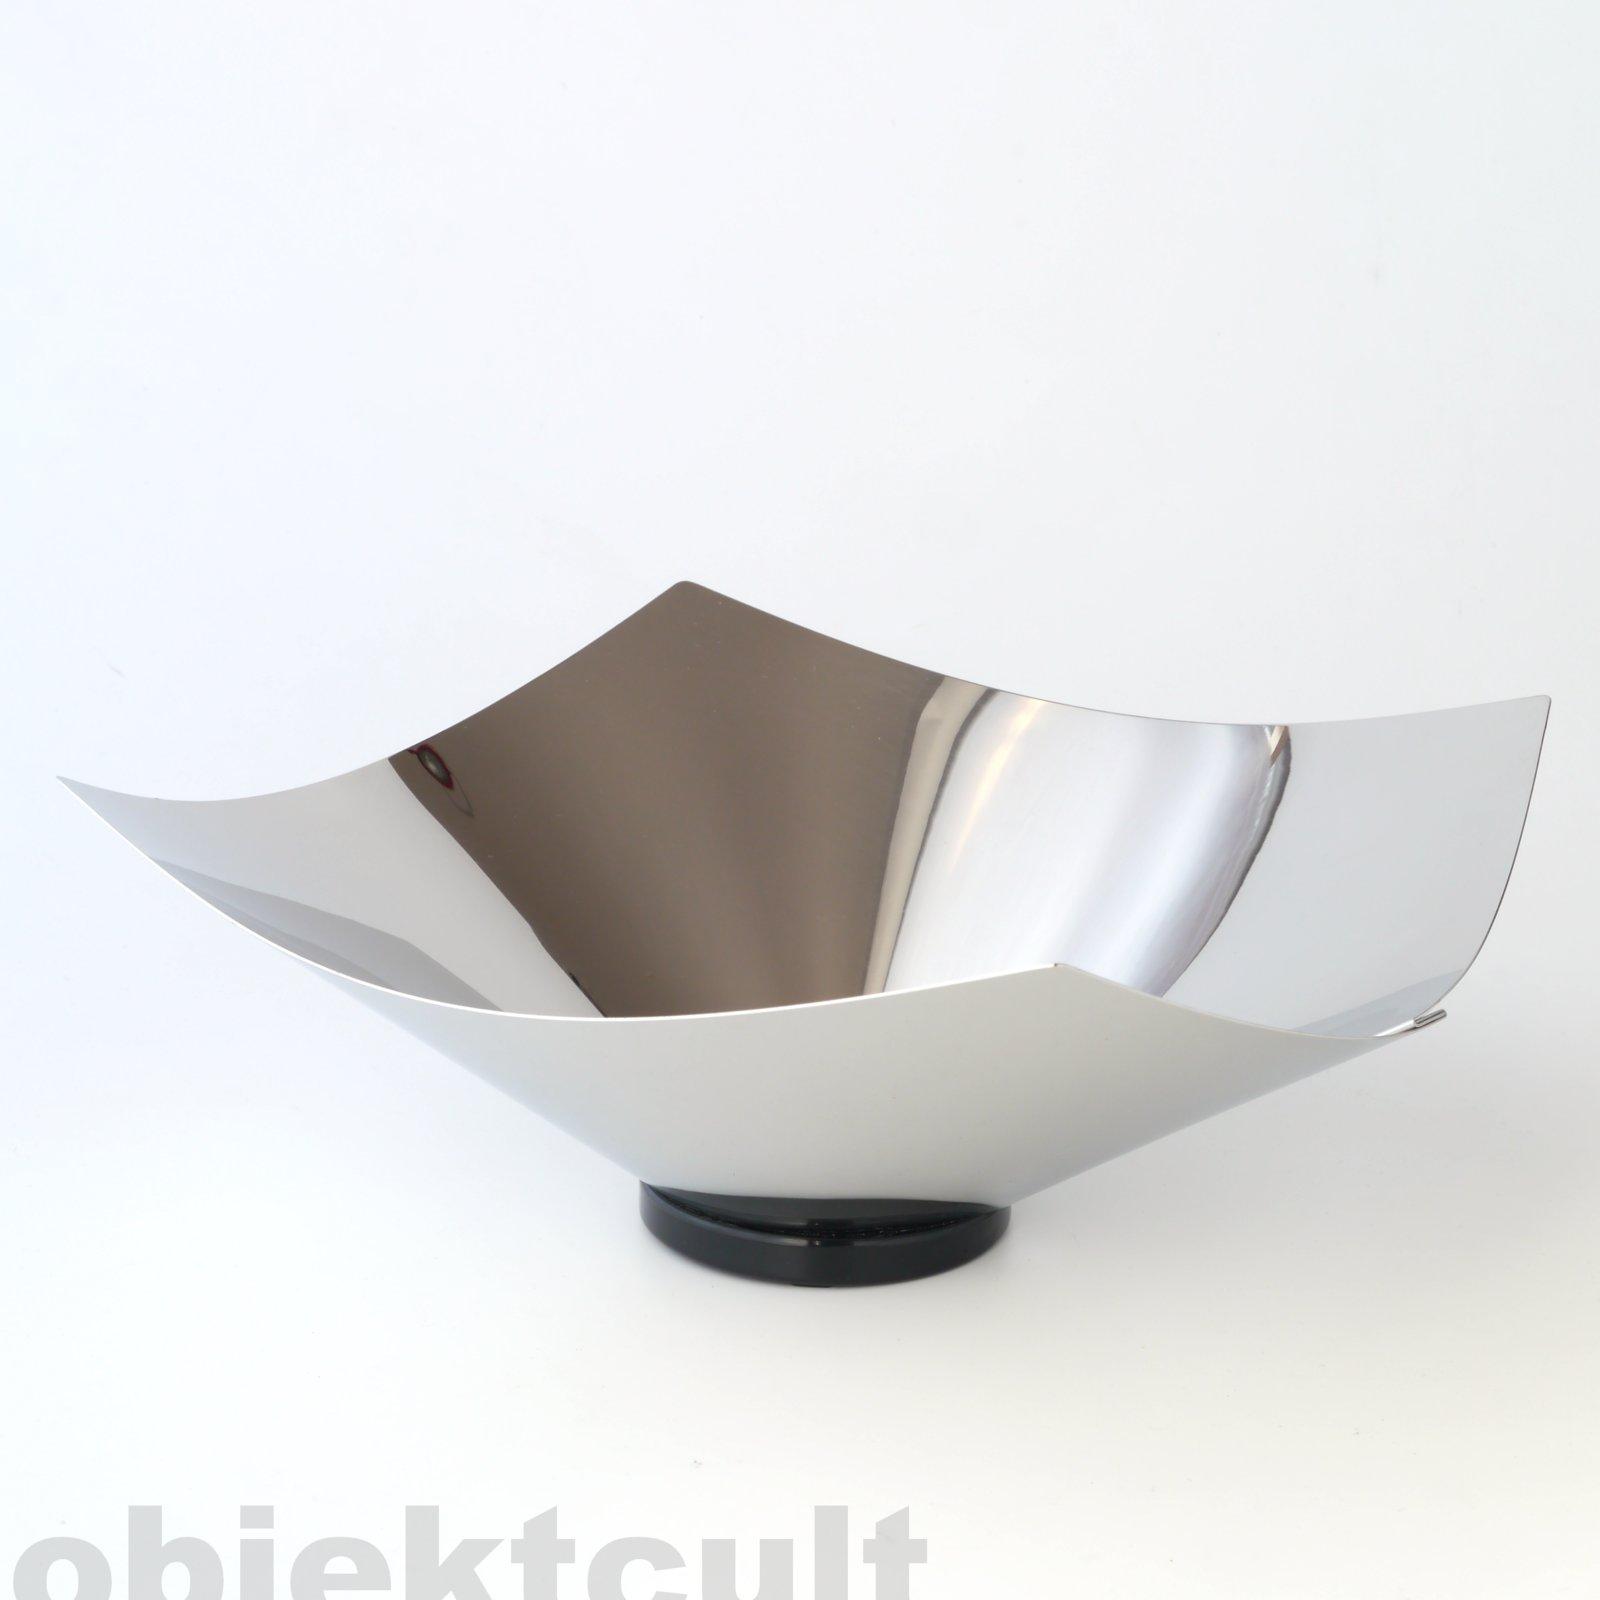 alessi obstschale schale obstorb colombo lobo edelstahl fruit bowl centerpiece ebay. Black Bedroom Furniture Sets. Home Design Ideas